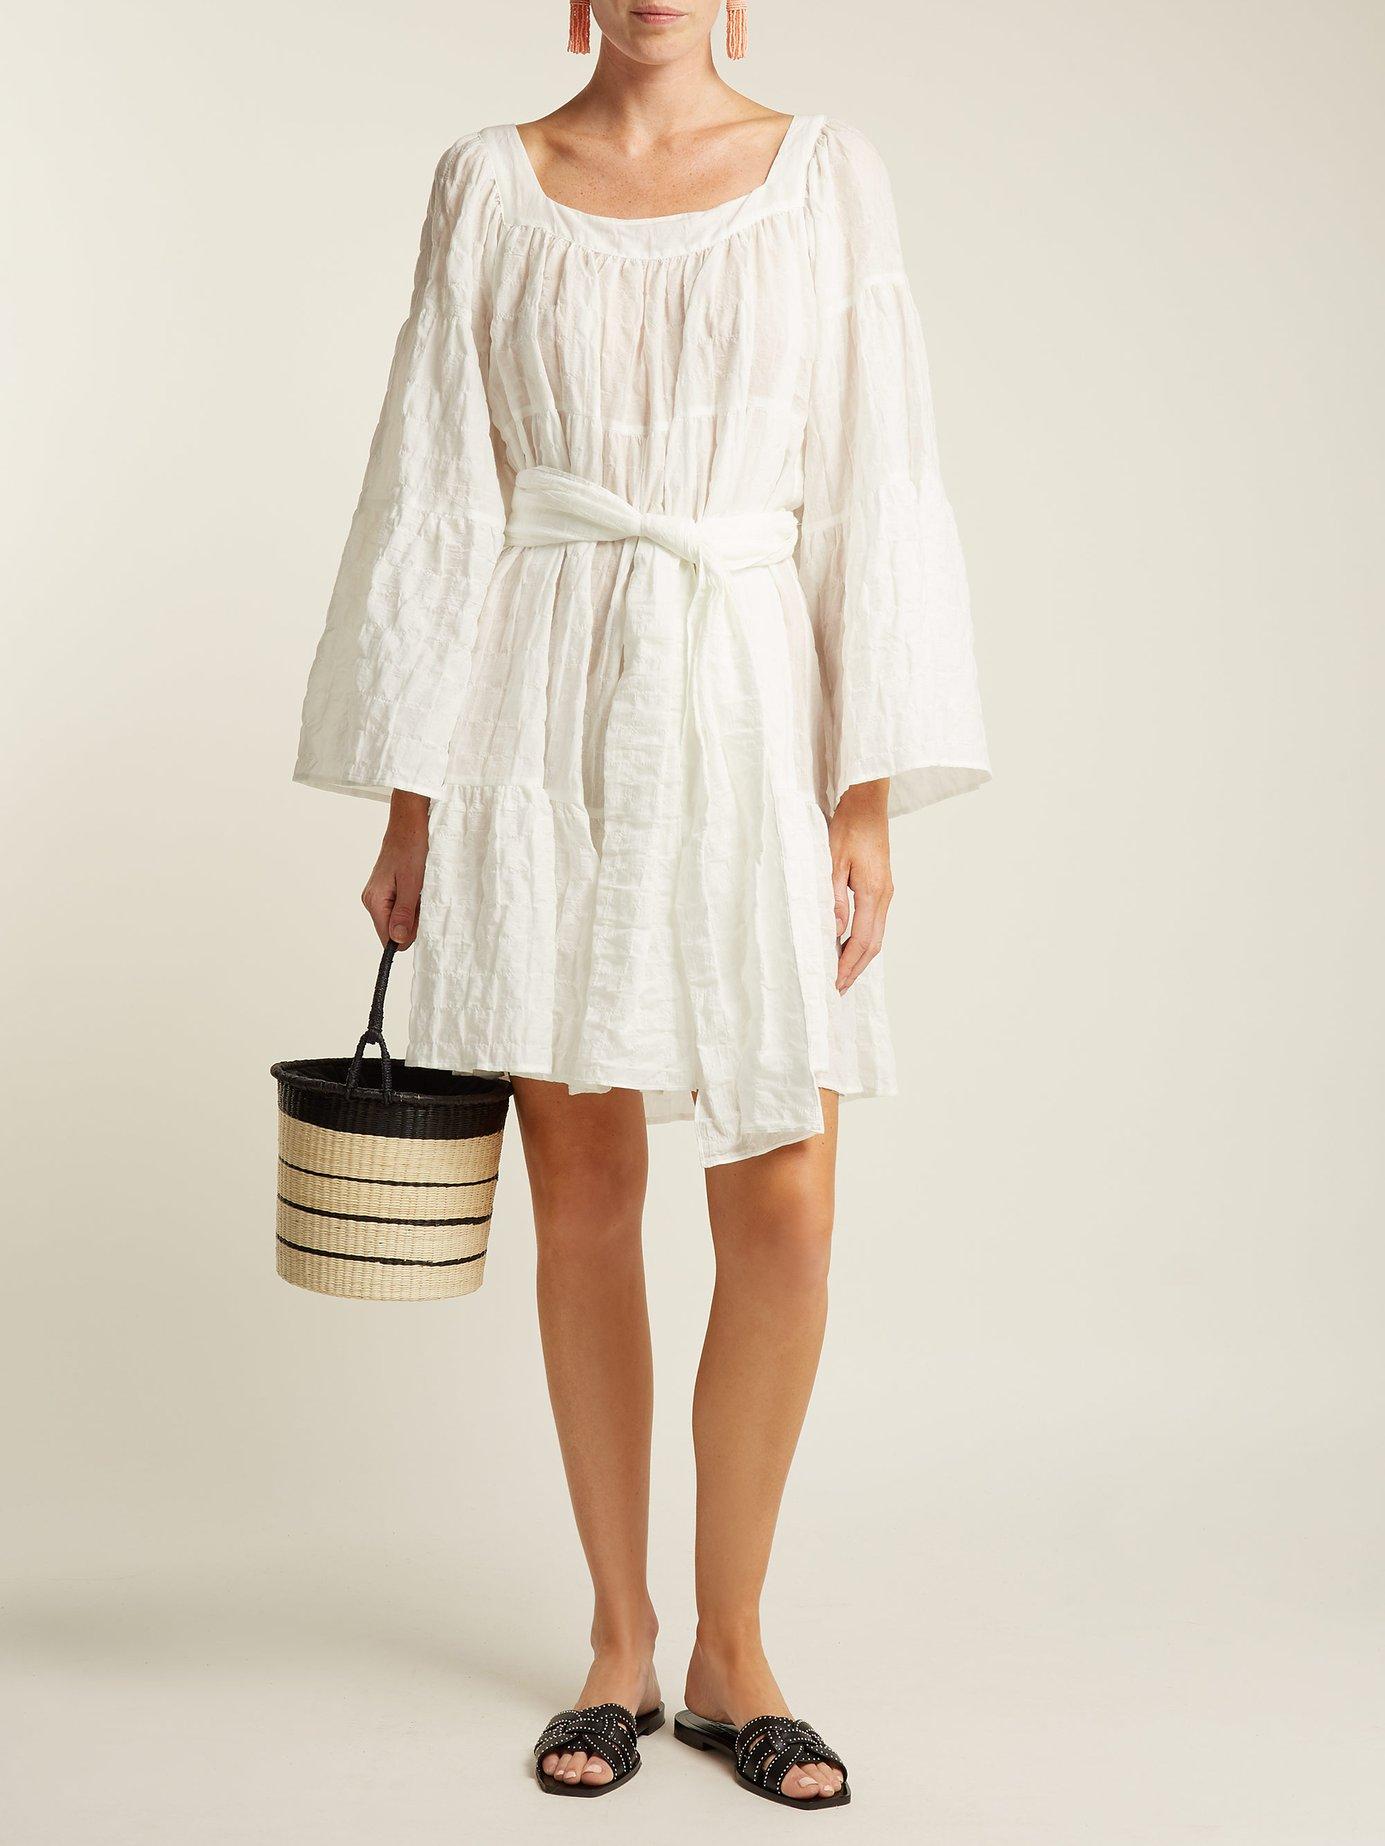 Tie-waist cotton-blend dress by Lisa Marie Fernandez